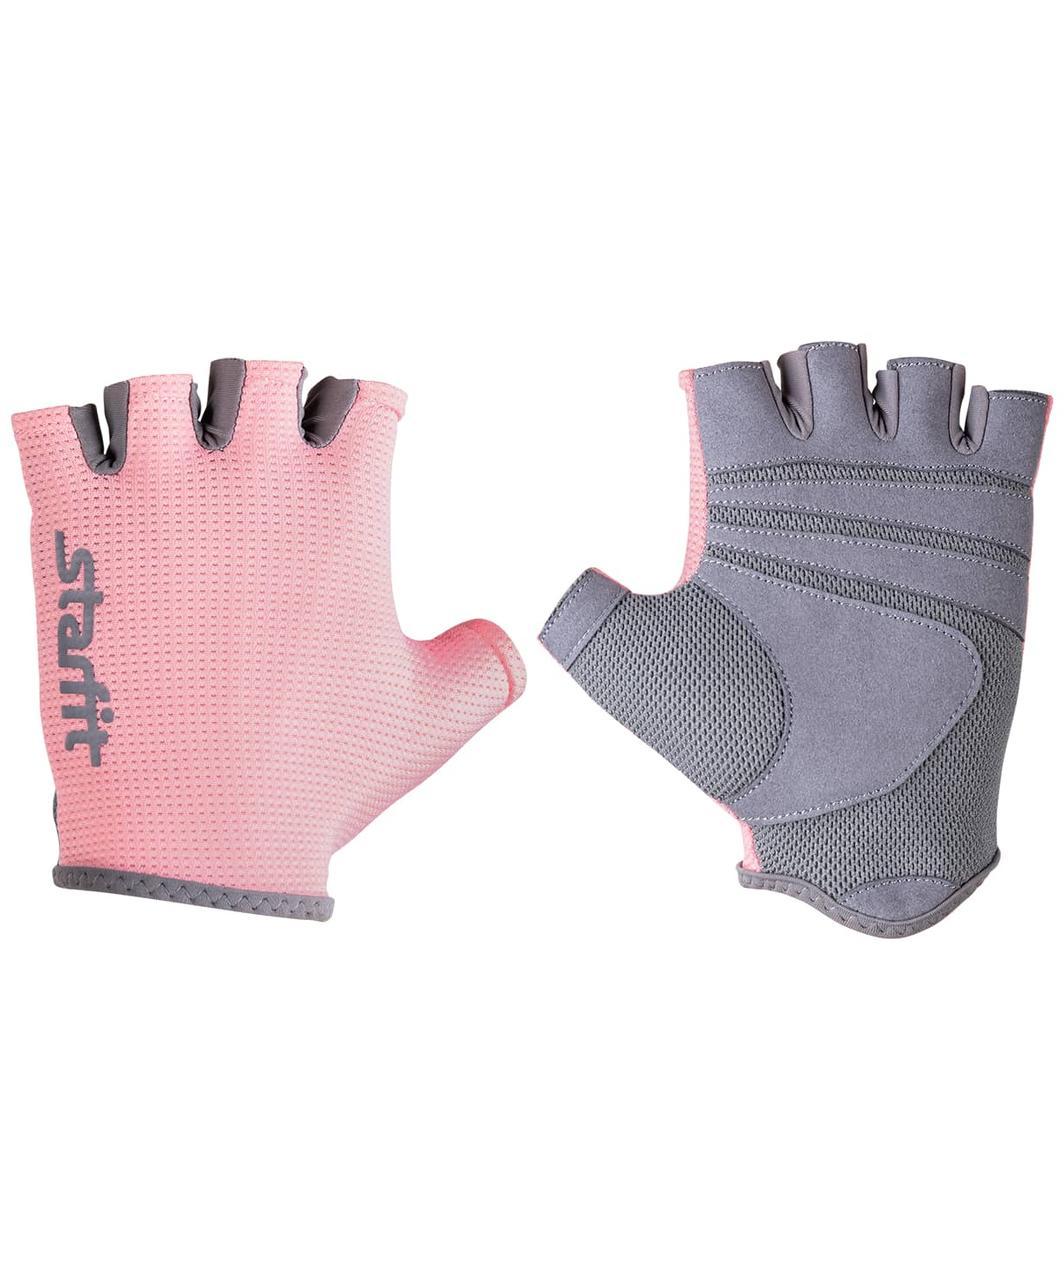 Перчатки для фитнеса SU-127, розовый/серый Starfit